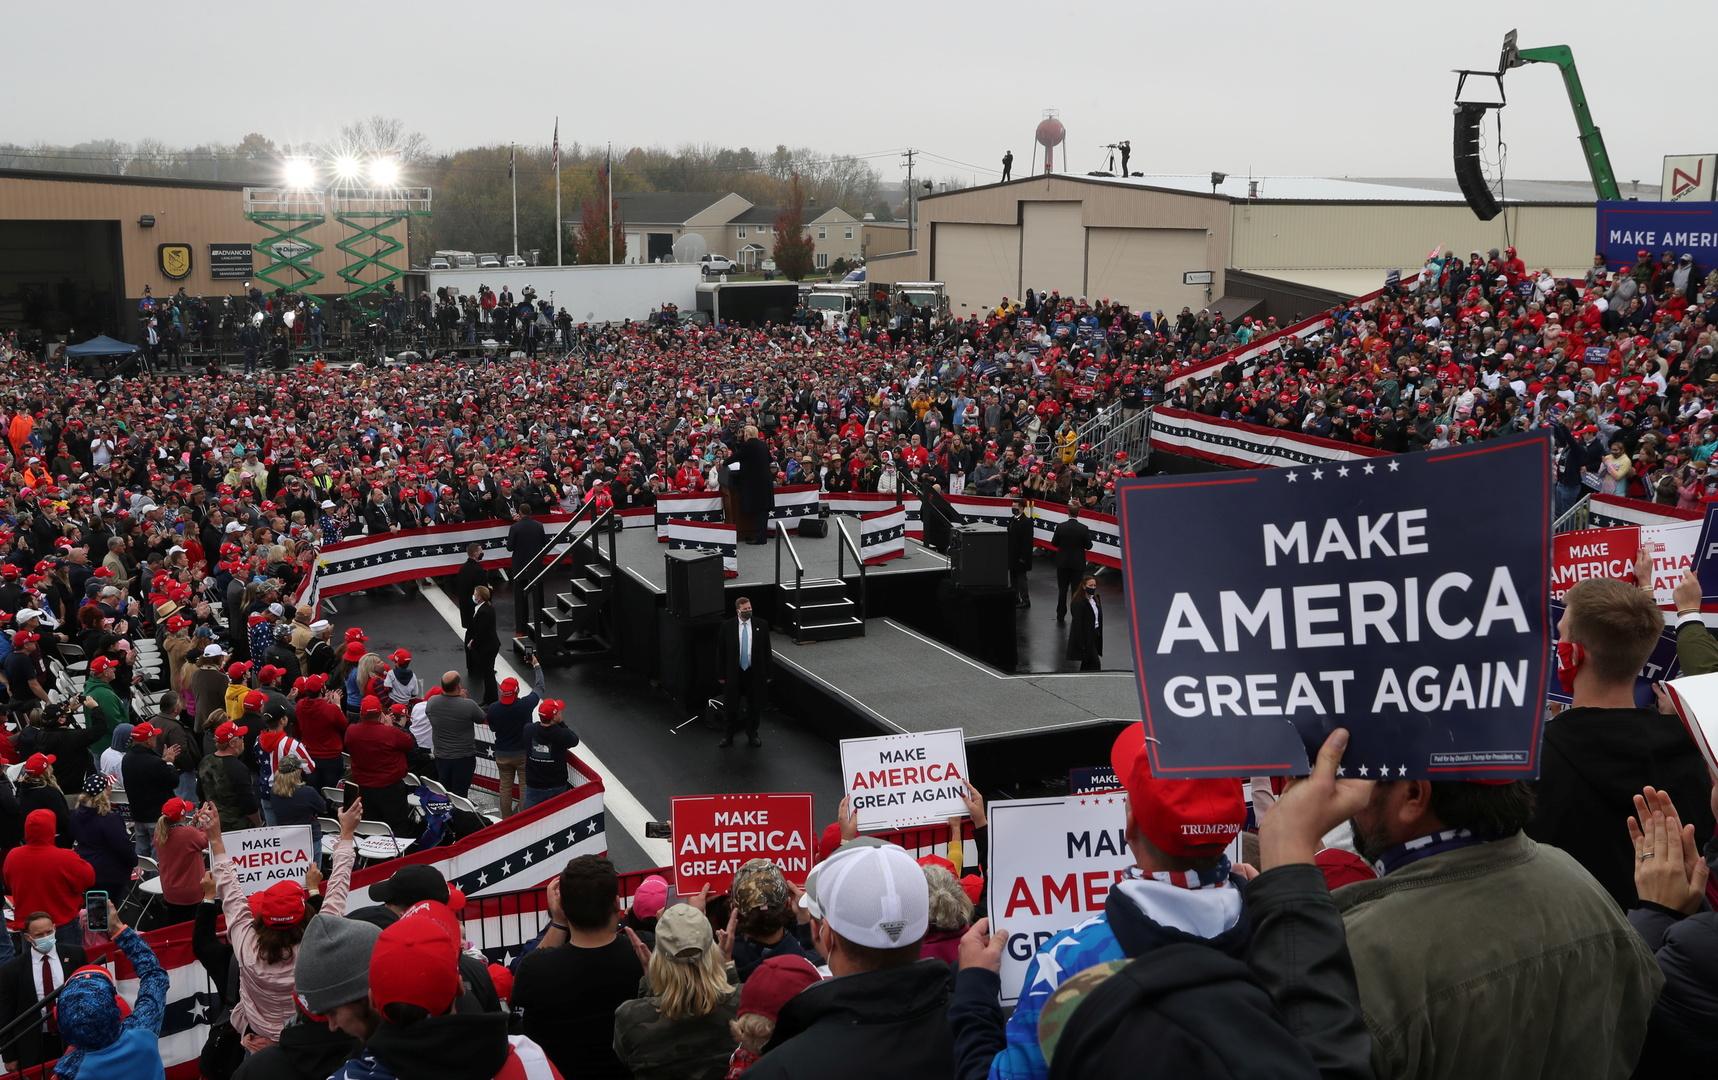 تجمع انتخابي لترامب في بنسيلفانيا